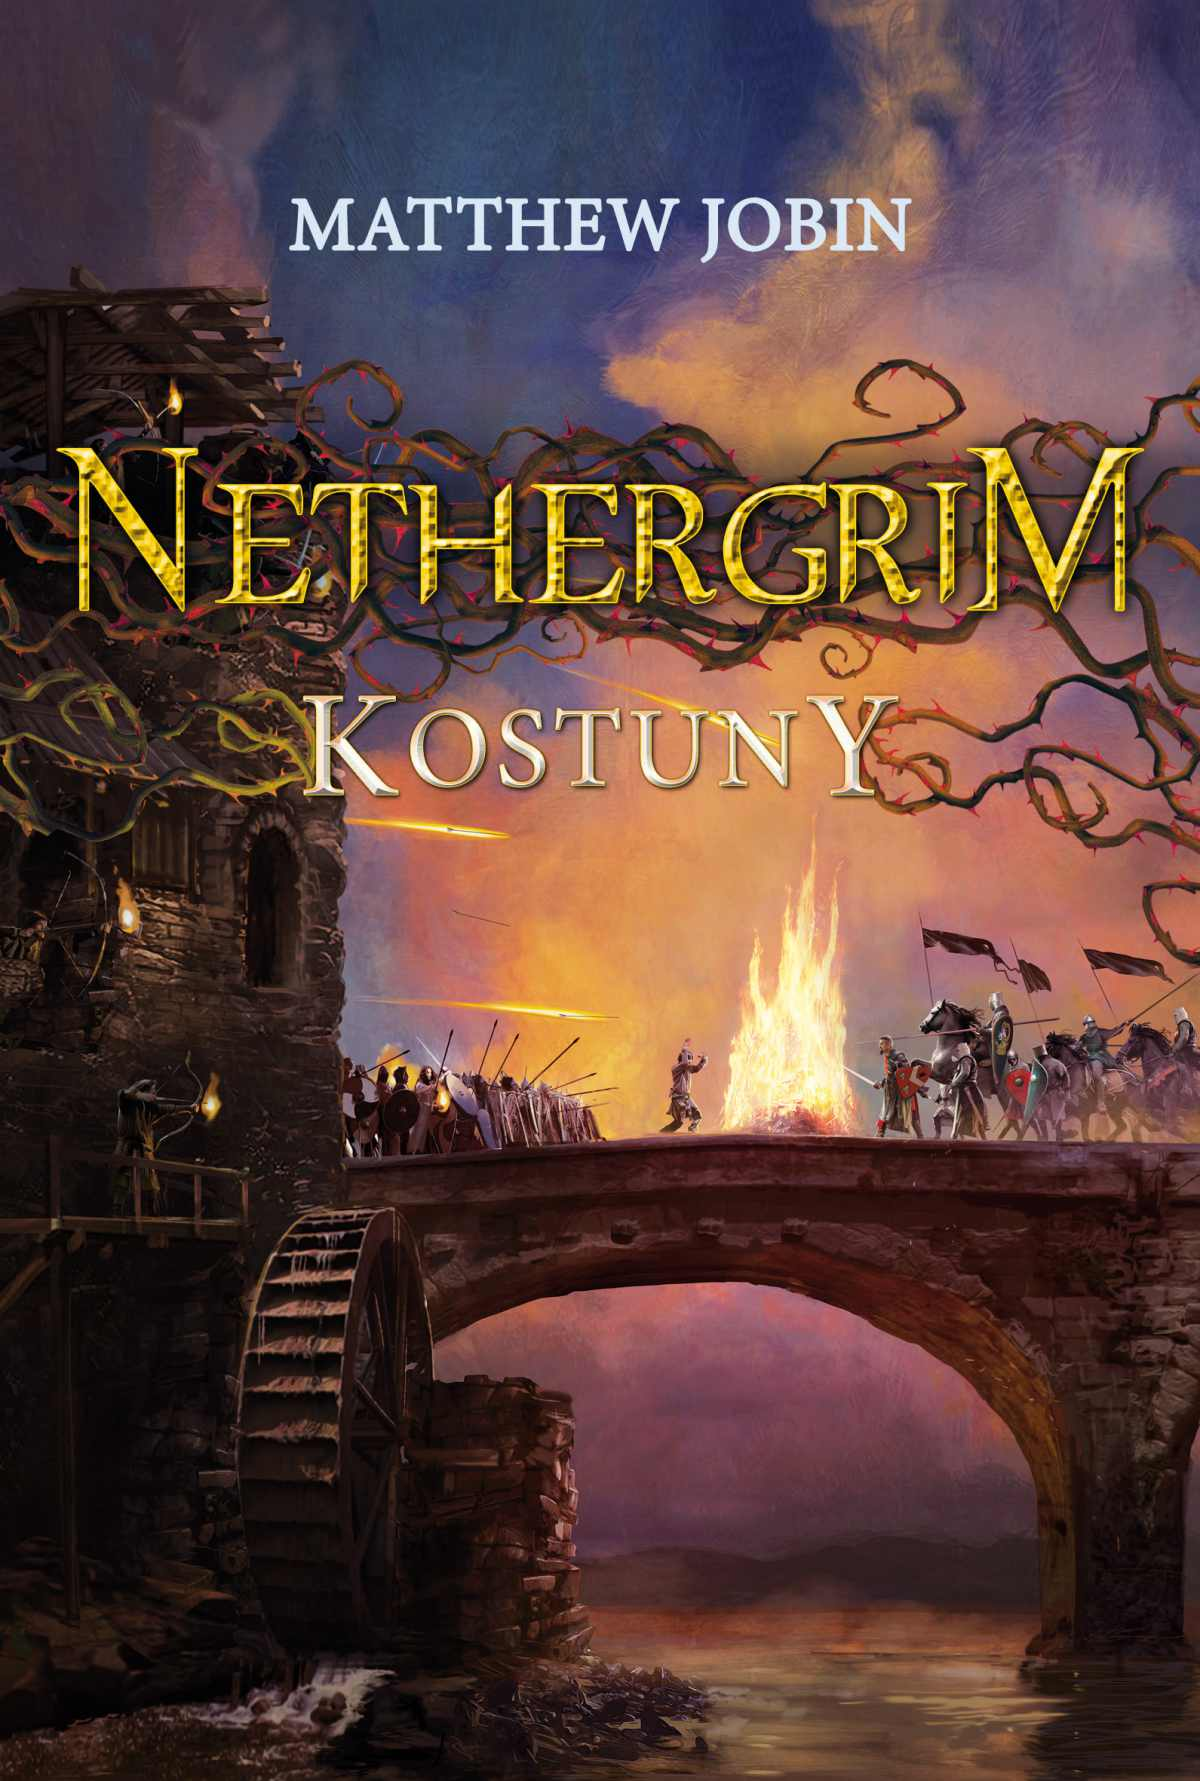 Nethergrim 2. Kostuny - Ebook (Książka na Kindle) do pobrania w formacie MOBI